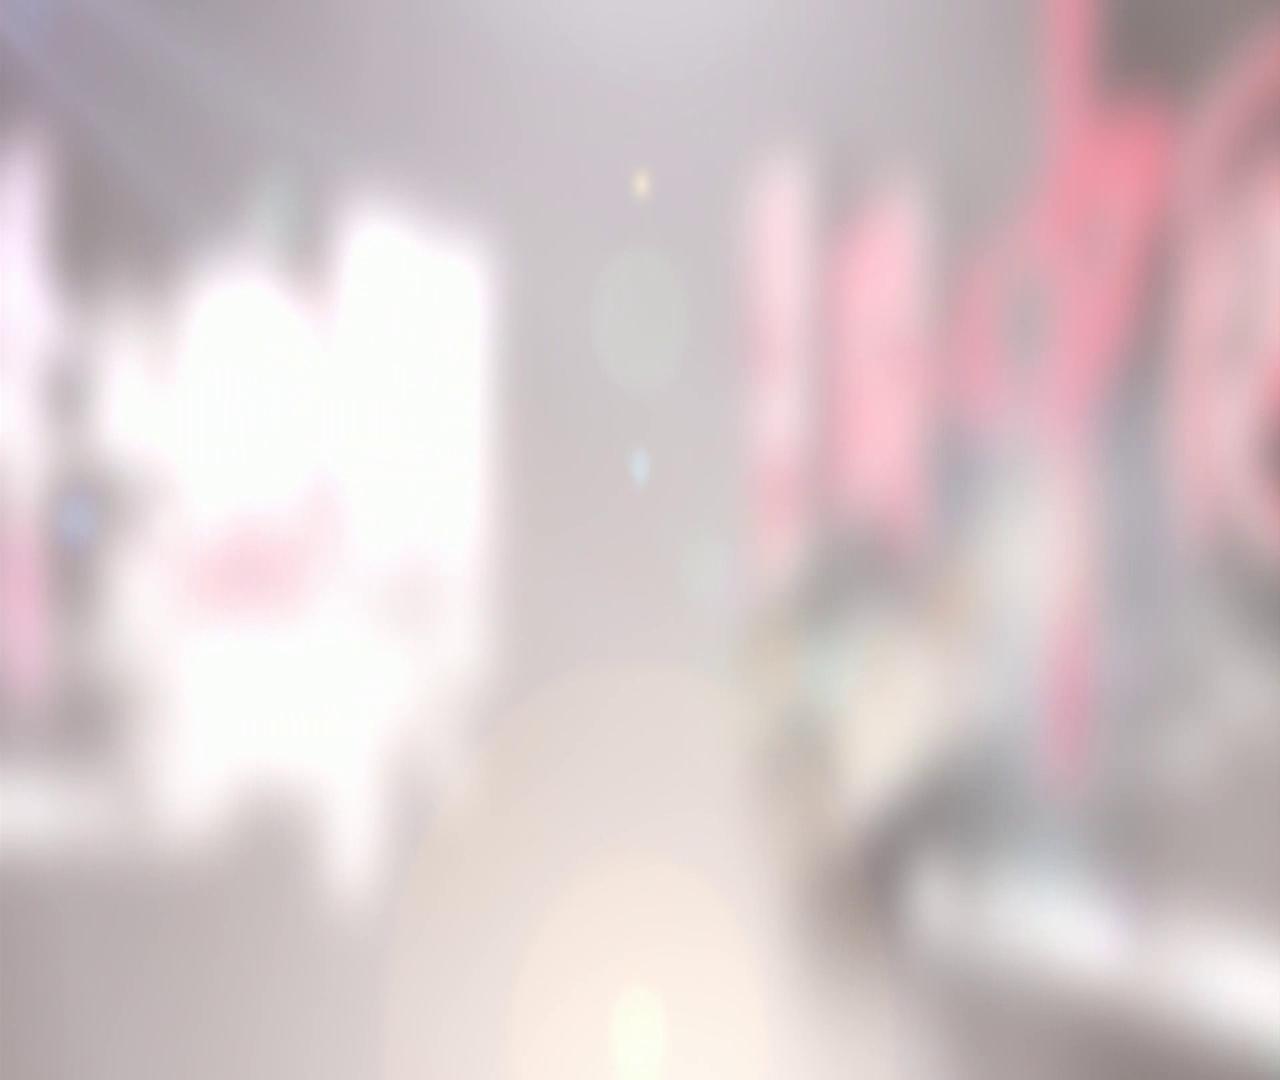 走进临潼区仁宗村和穆柯寨村 实录浐灞帮扶力量精准扶贫